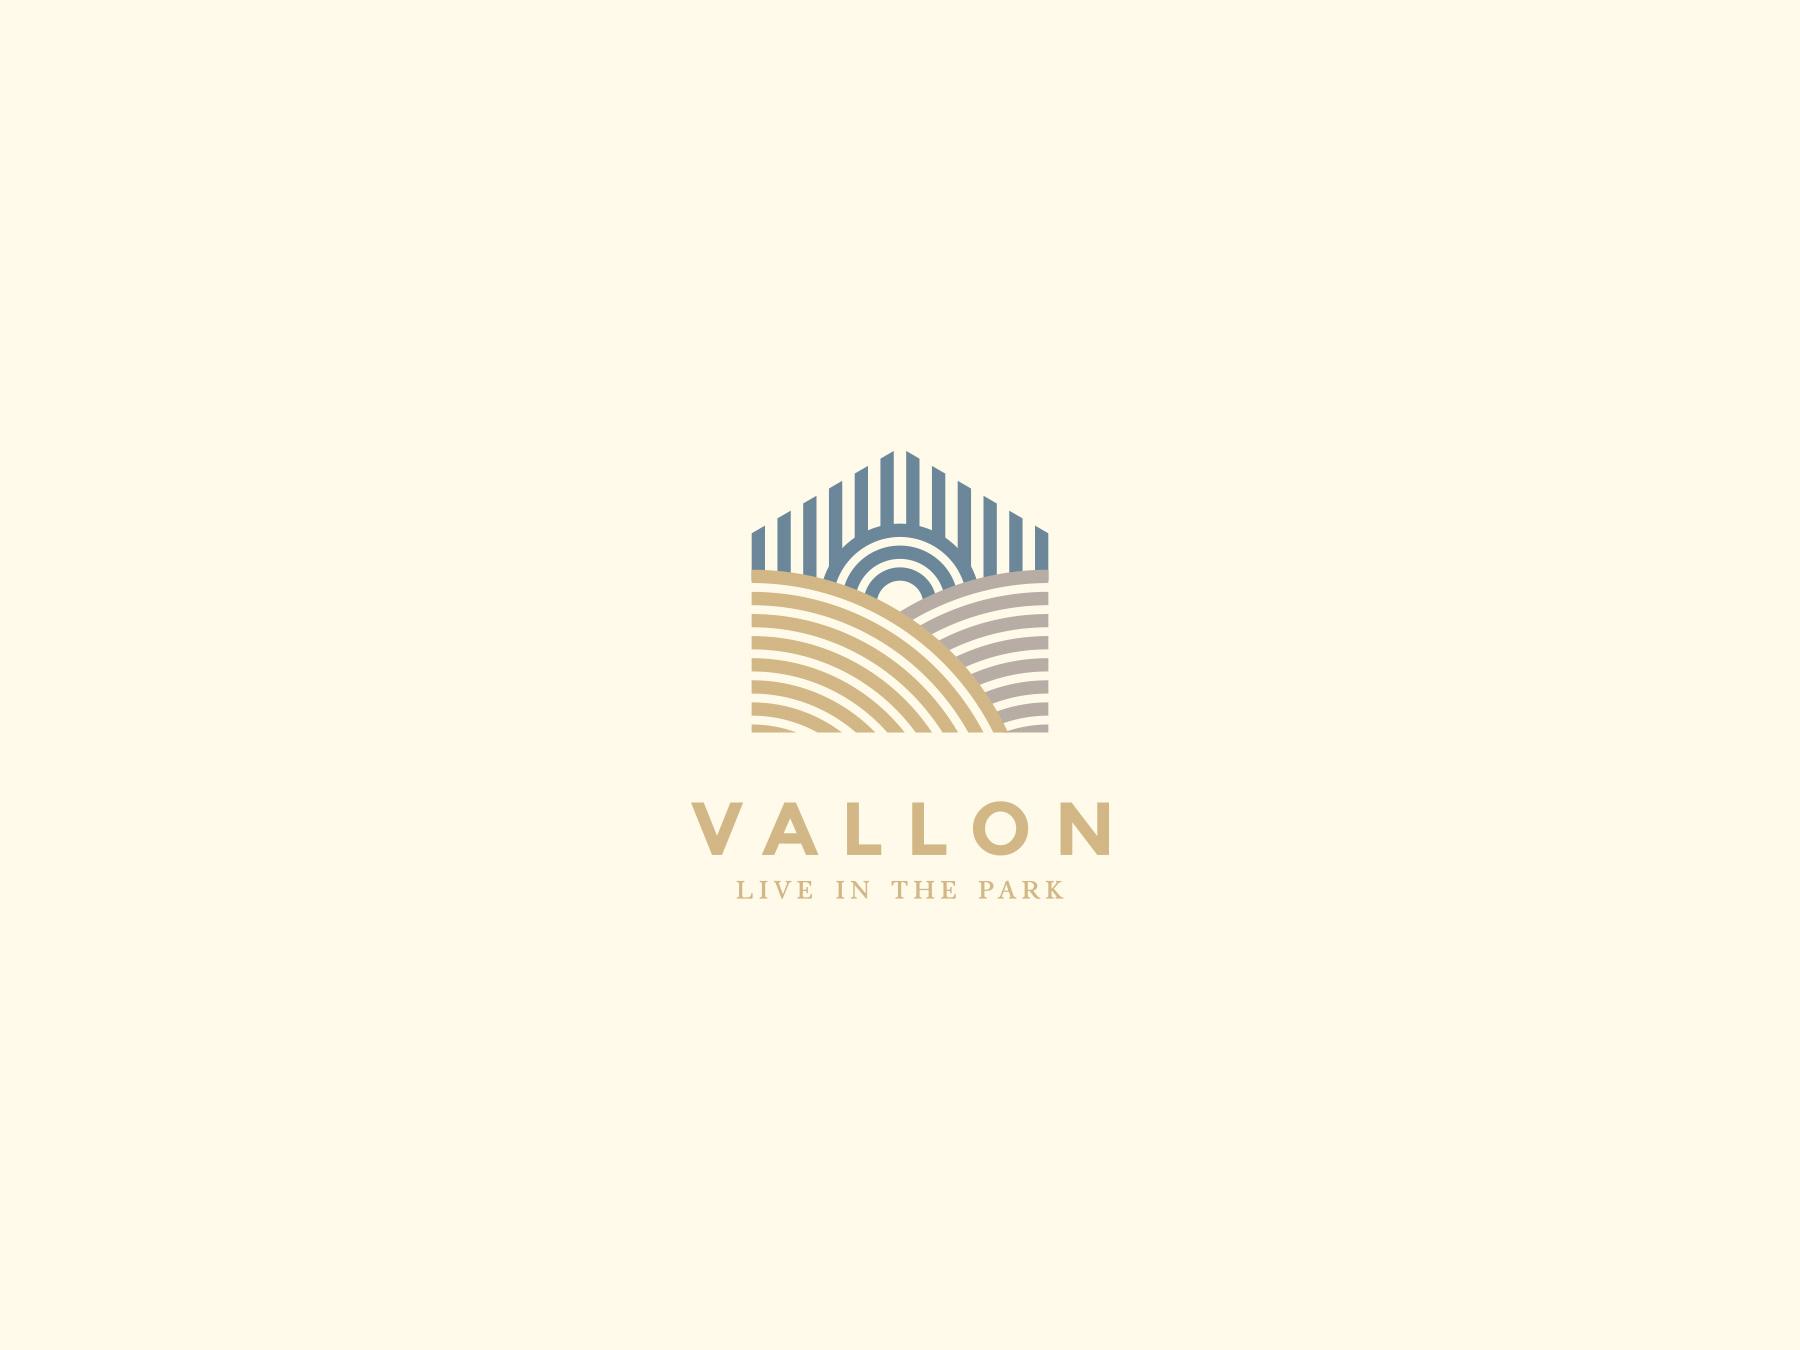 vallon logo